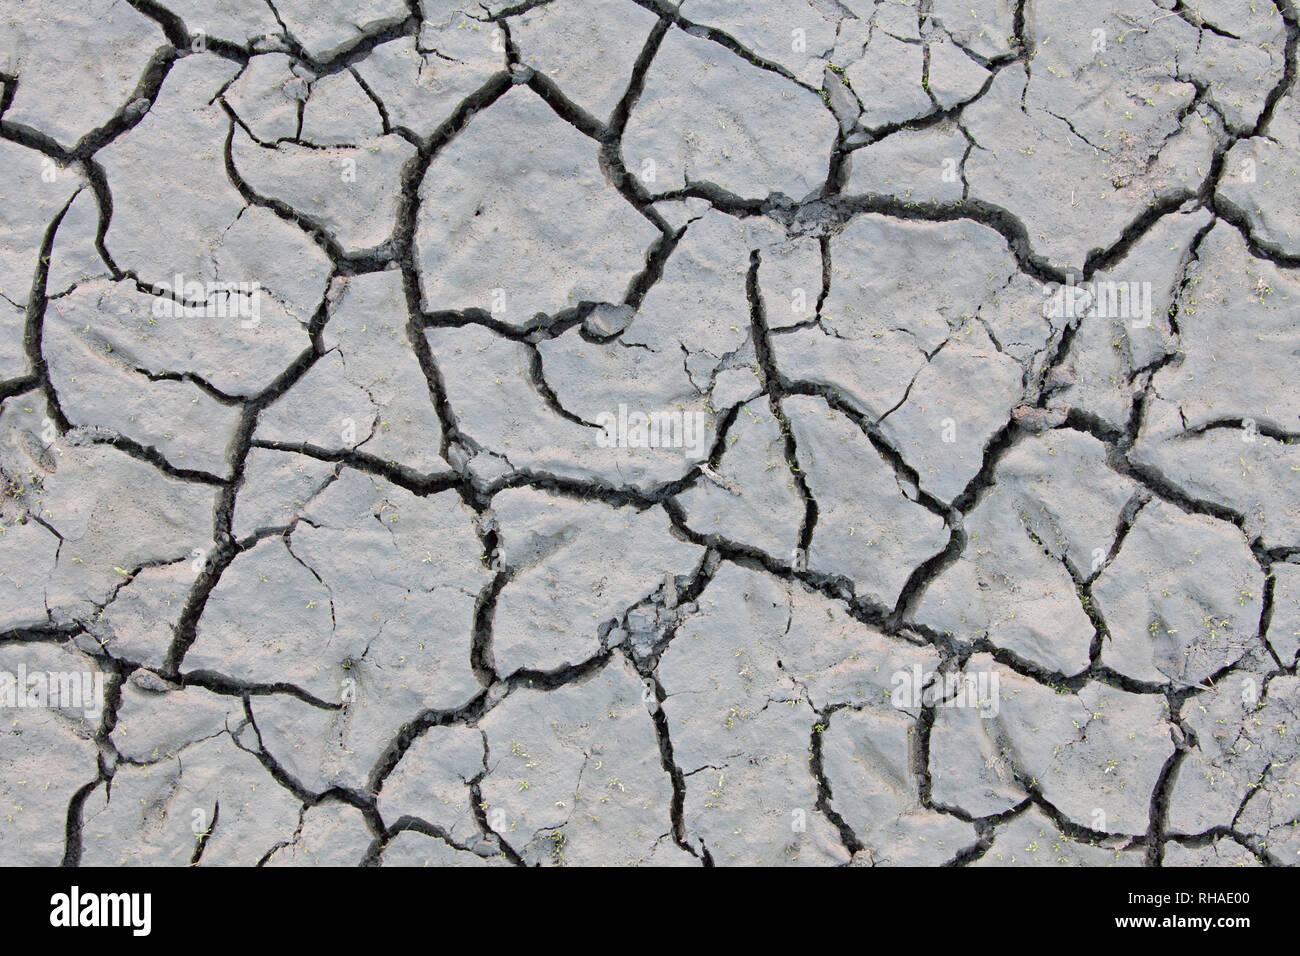 Trockene rissige Schlamm in ausgetrockneten Teich/Stream durch die lang anhaltende Trockenheit aufgrund der extremen Temperaturen im Sommer verursacht Stockfoto